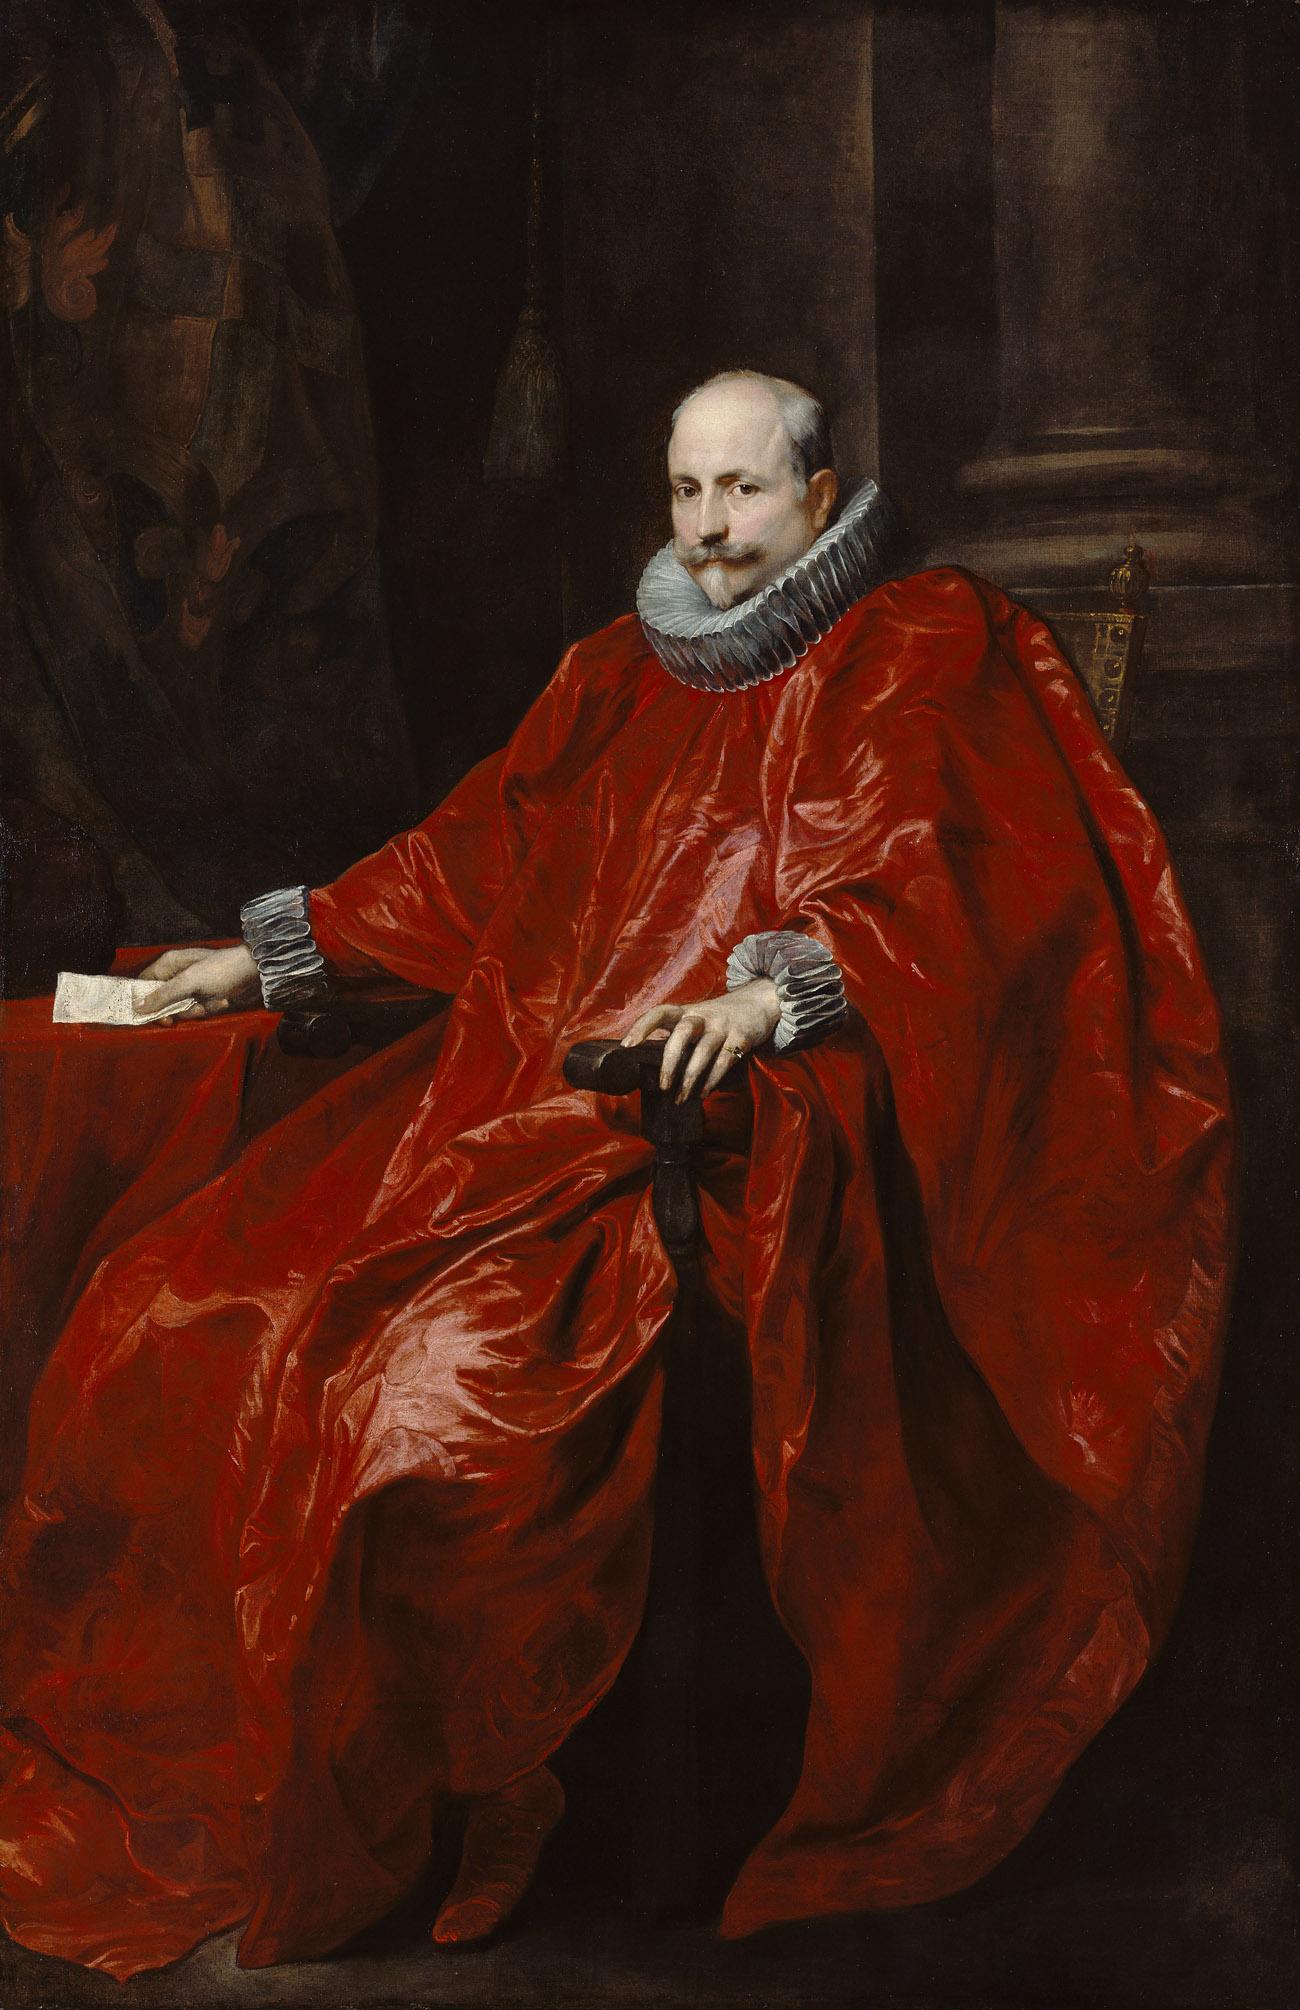 Portrait of Agostino Pallavicini / van Dyck